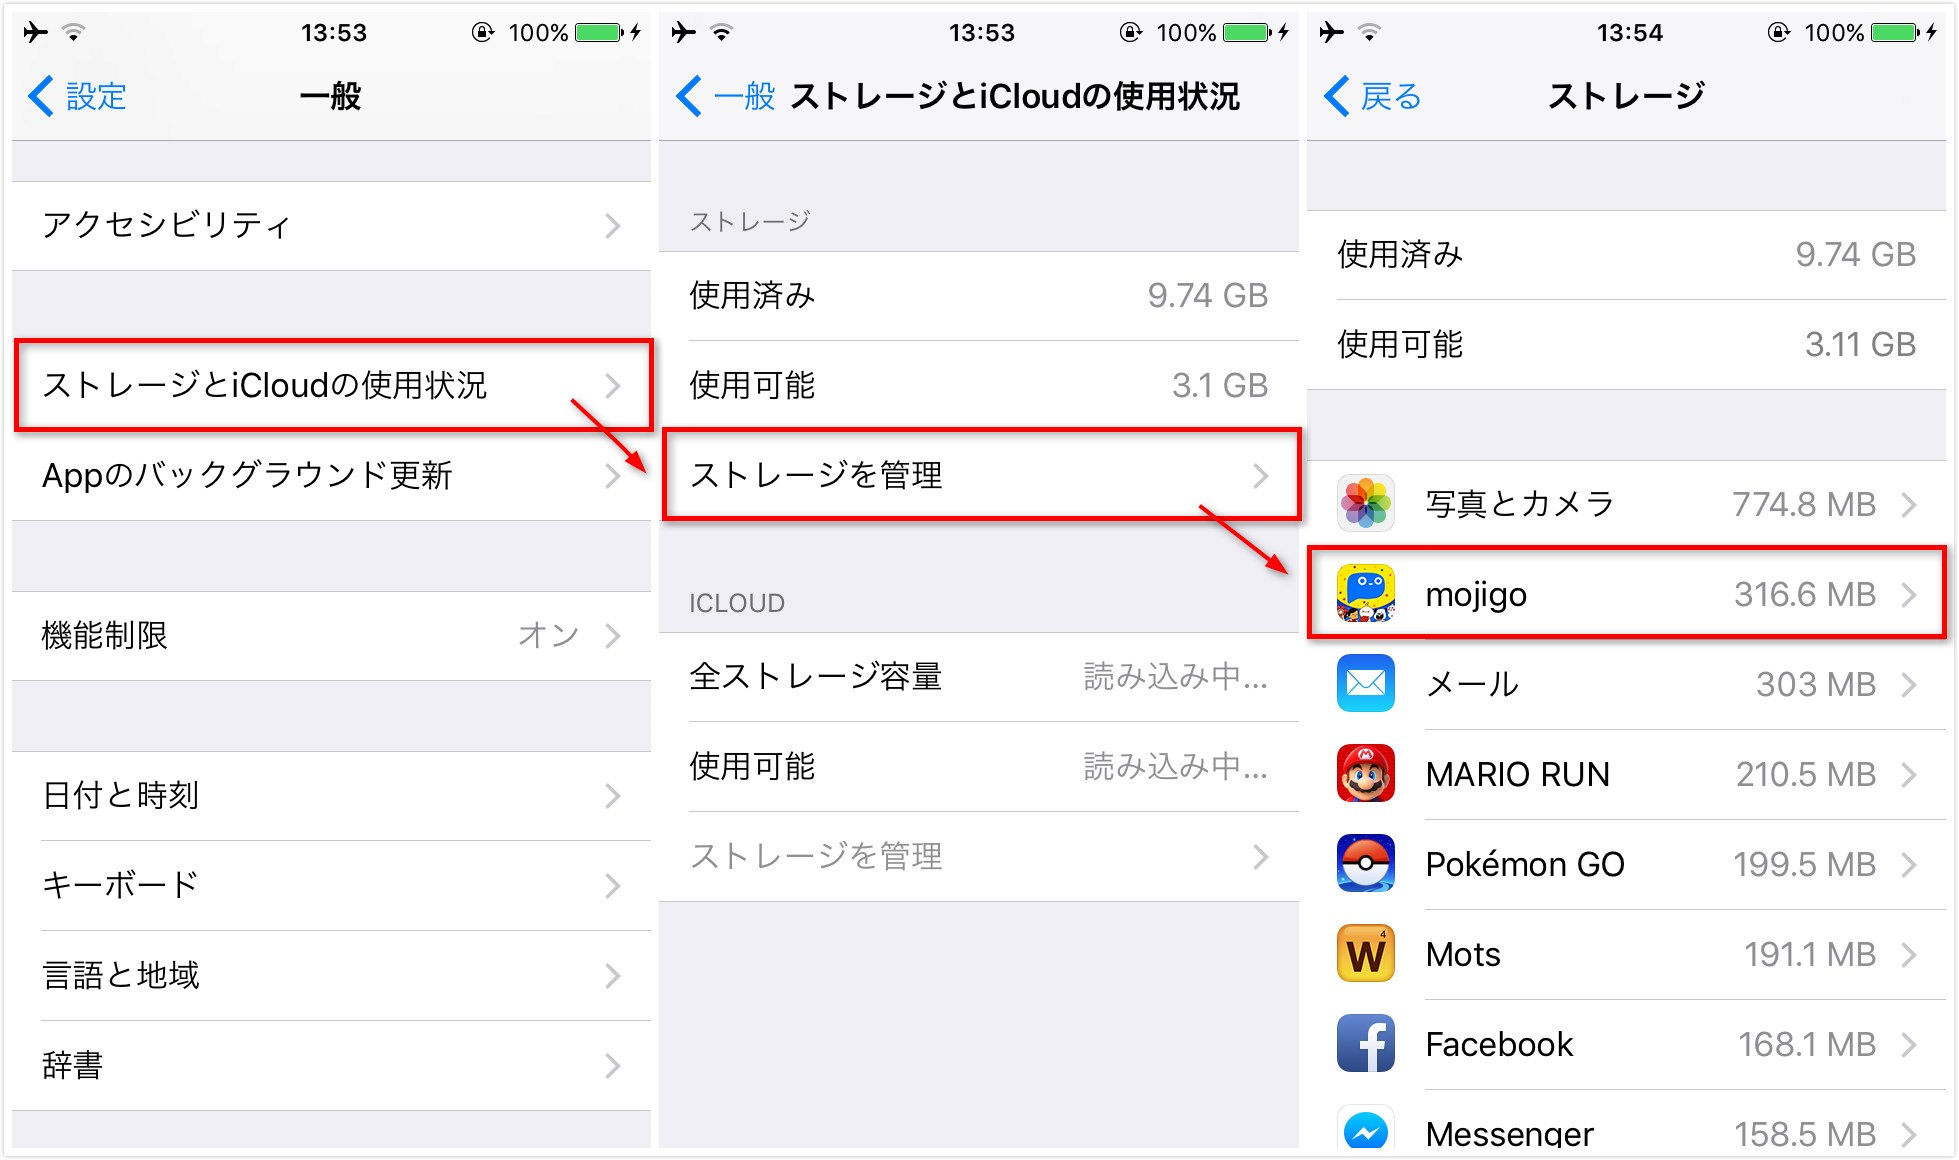 iOS 12.1/12アップデートによる不具合・バグ - iOS 12.1/12にした後iPhone動作が重い